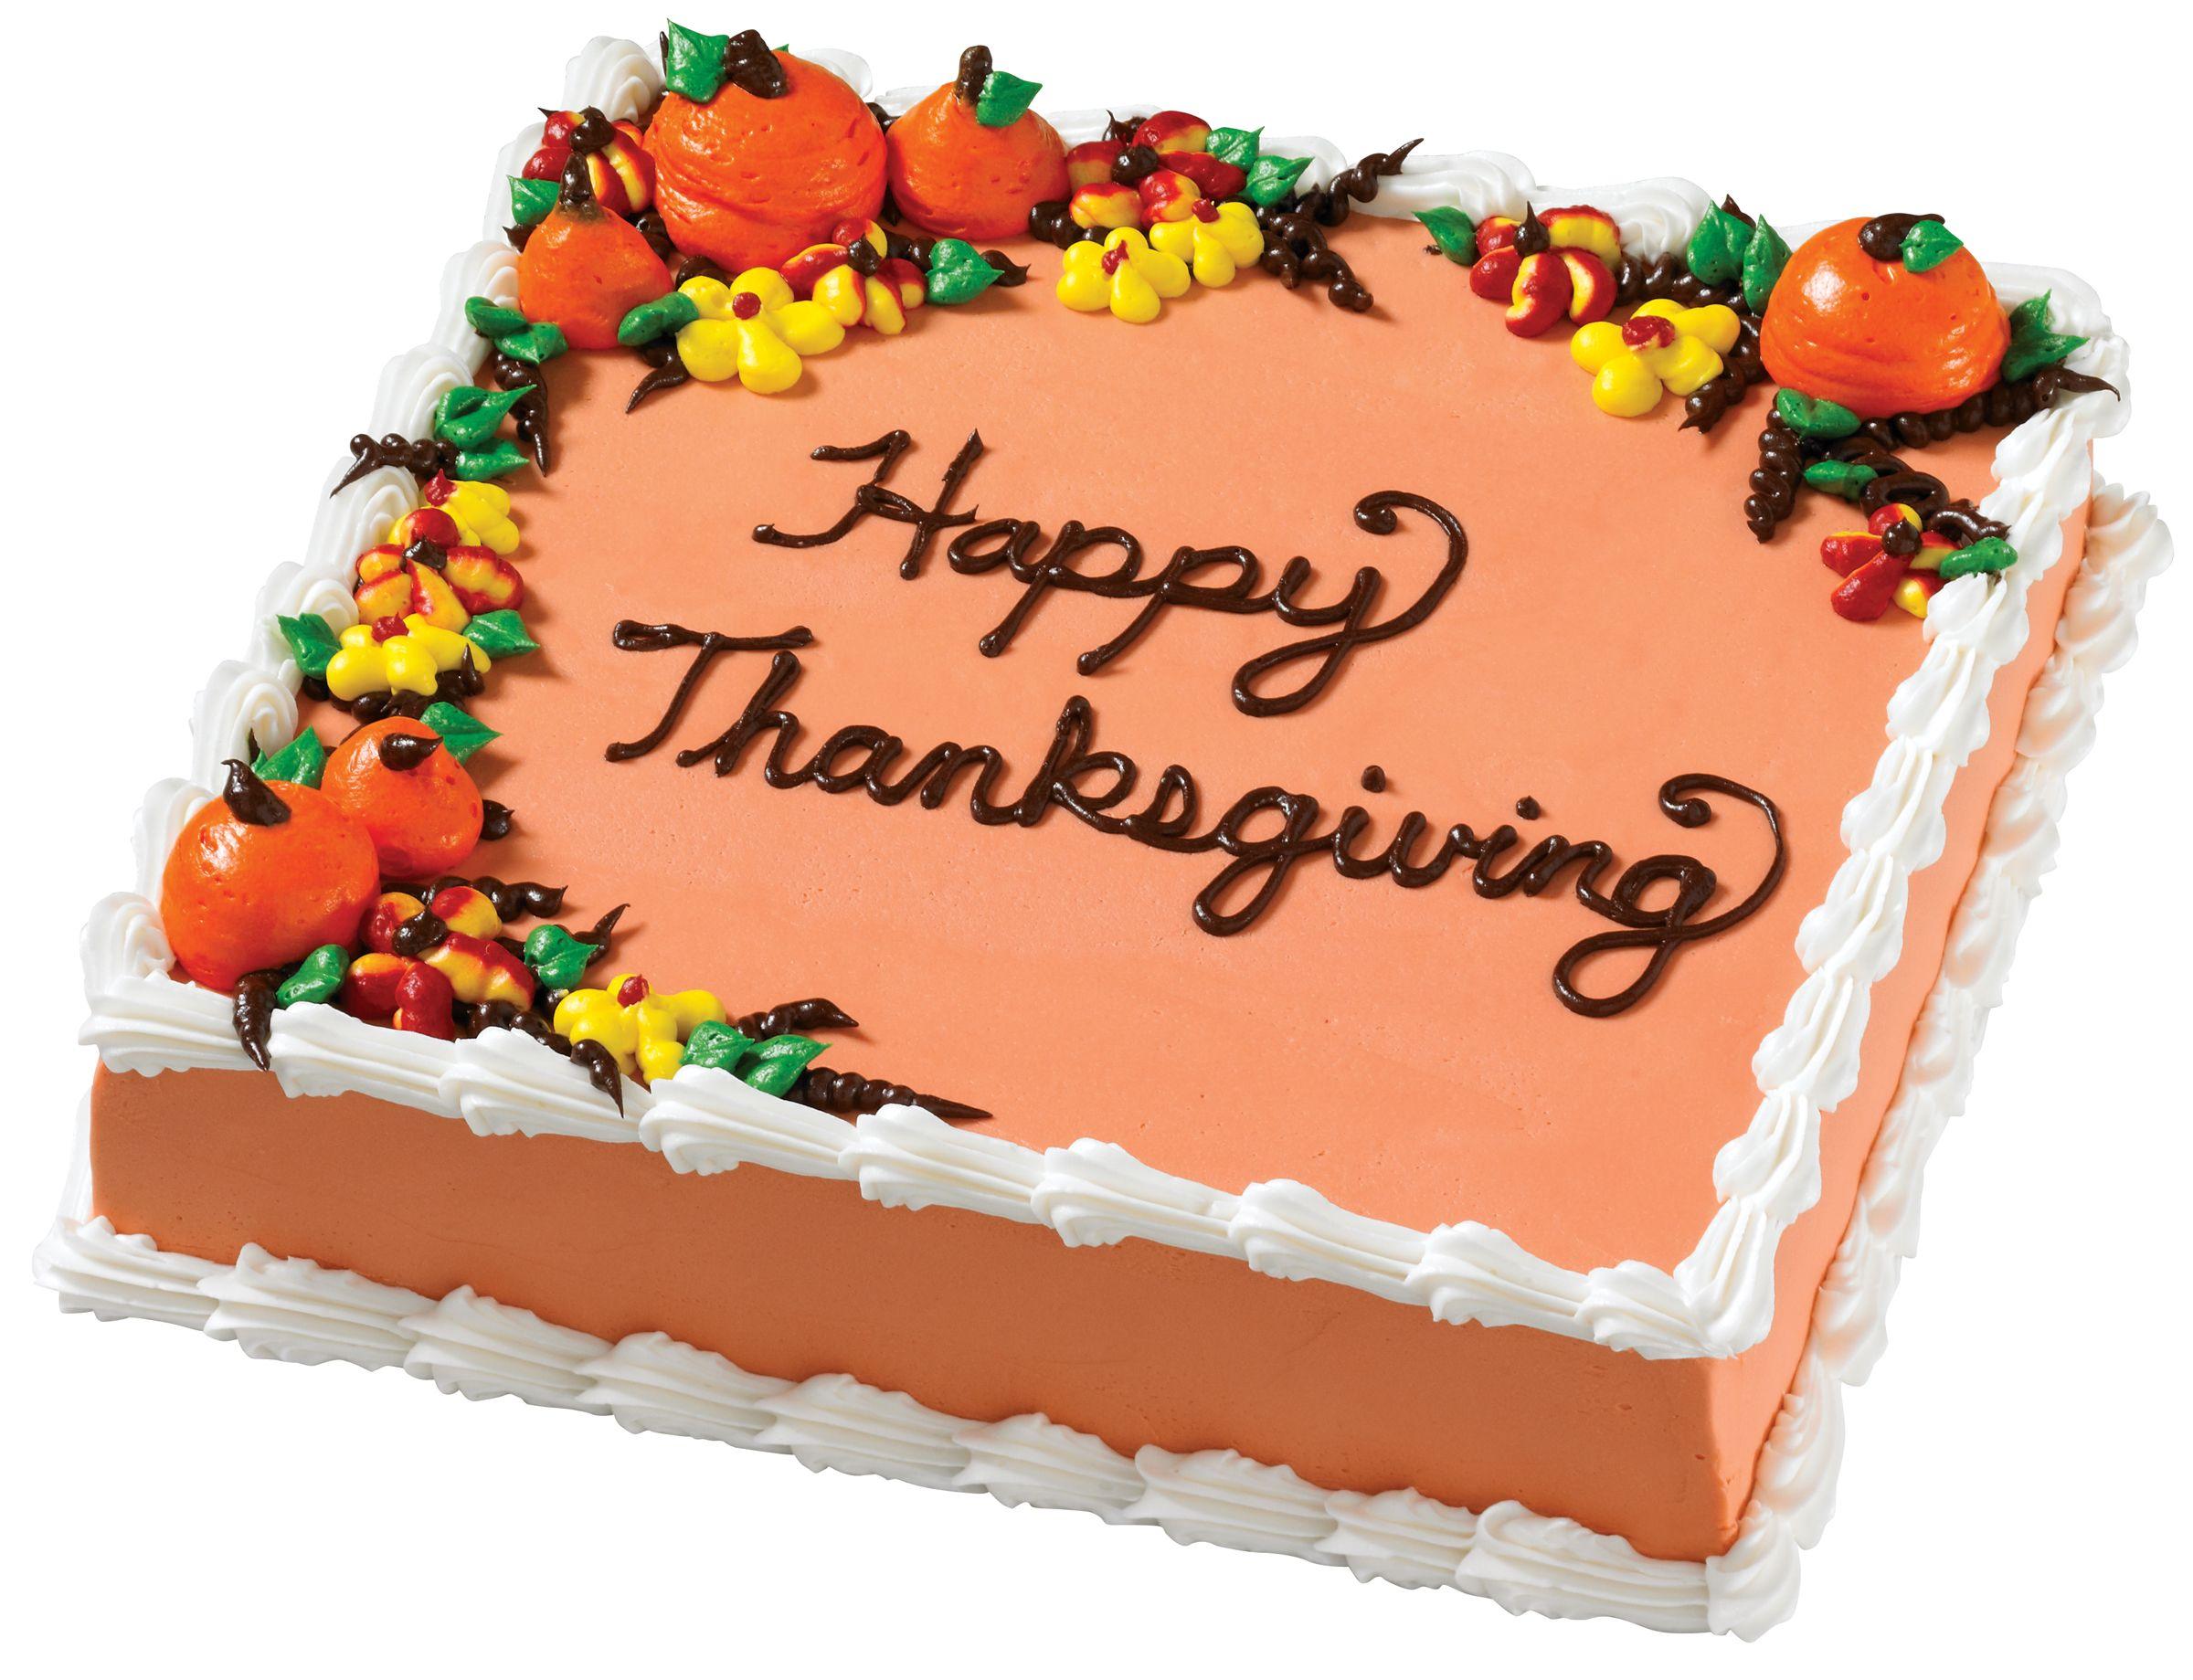 Thanksgiving Square Cake